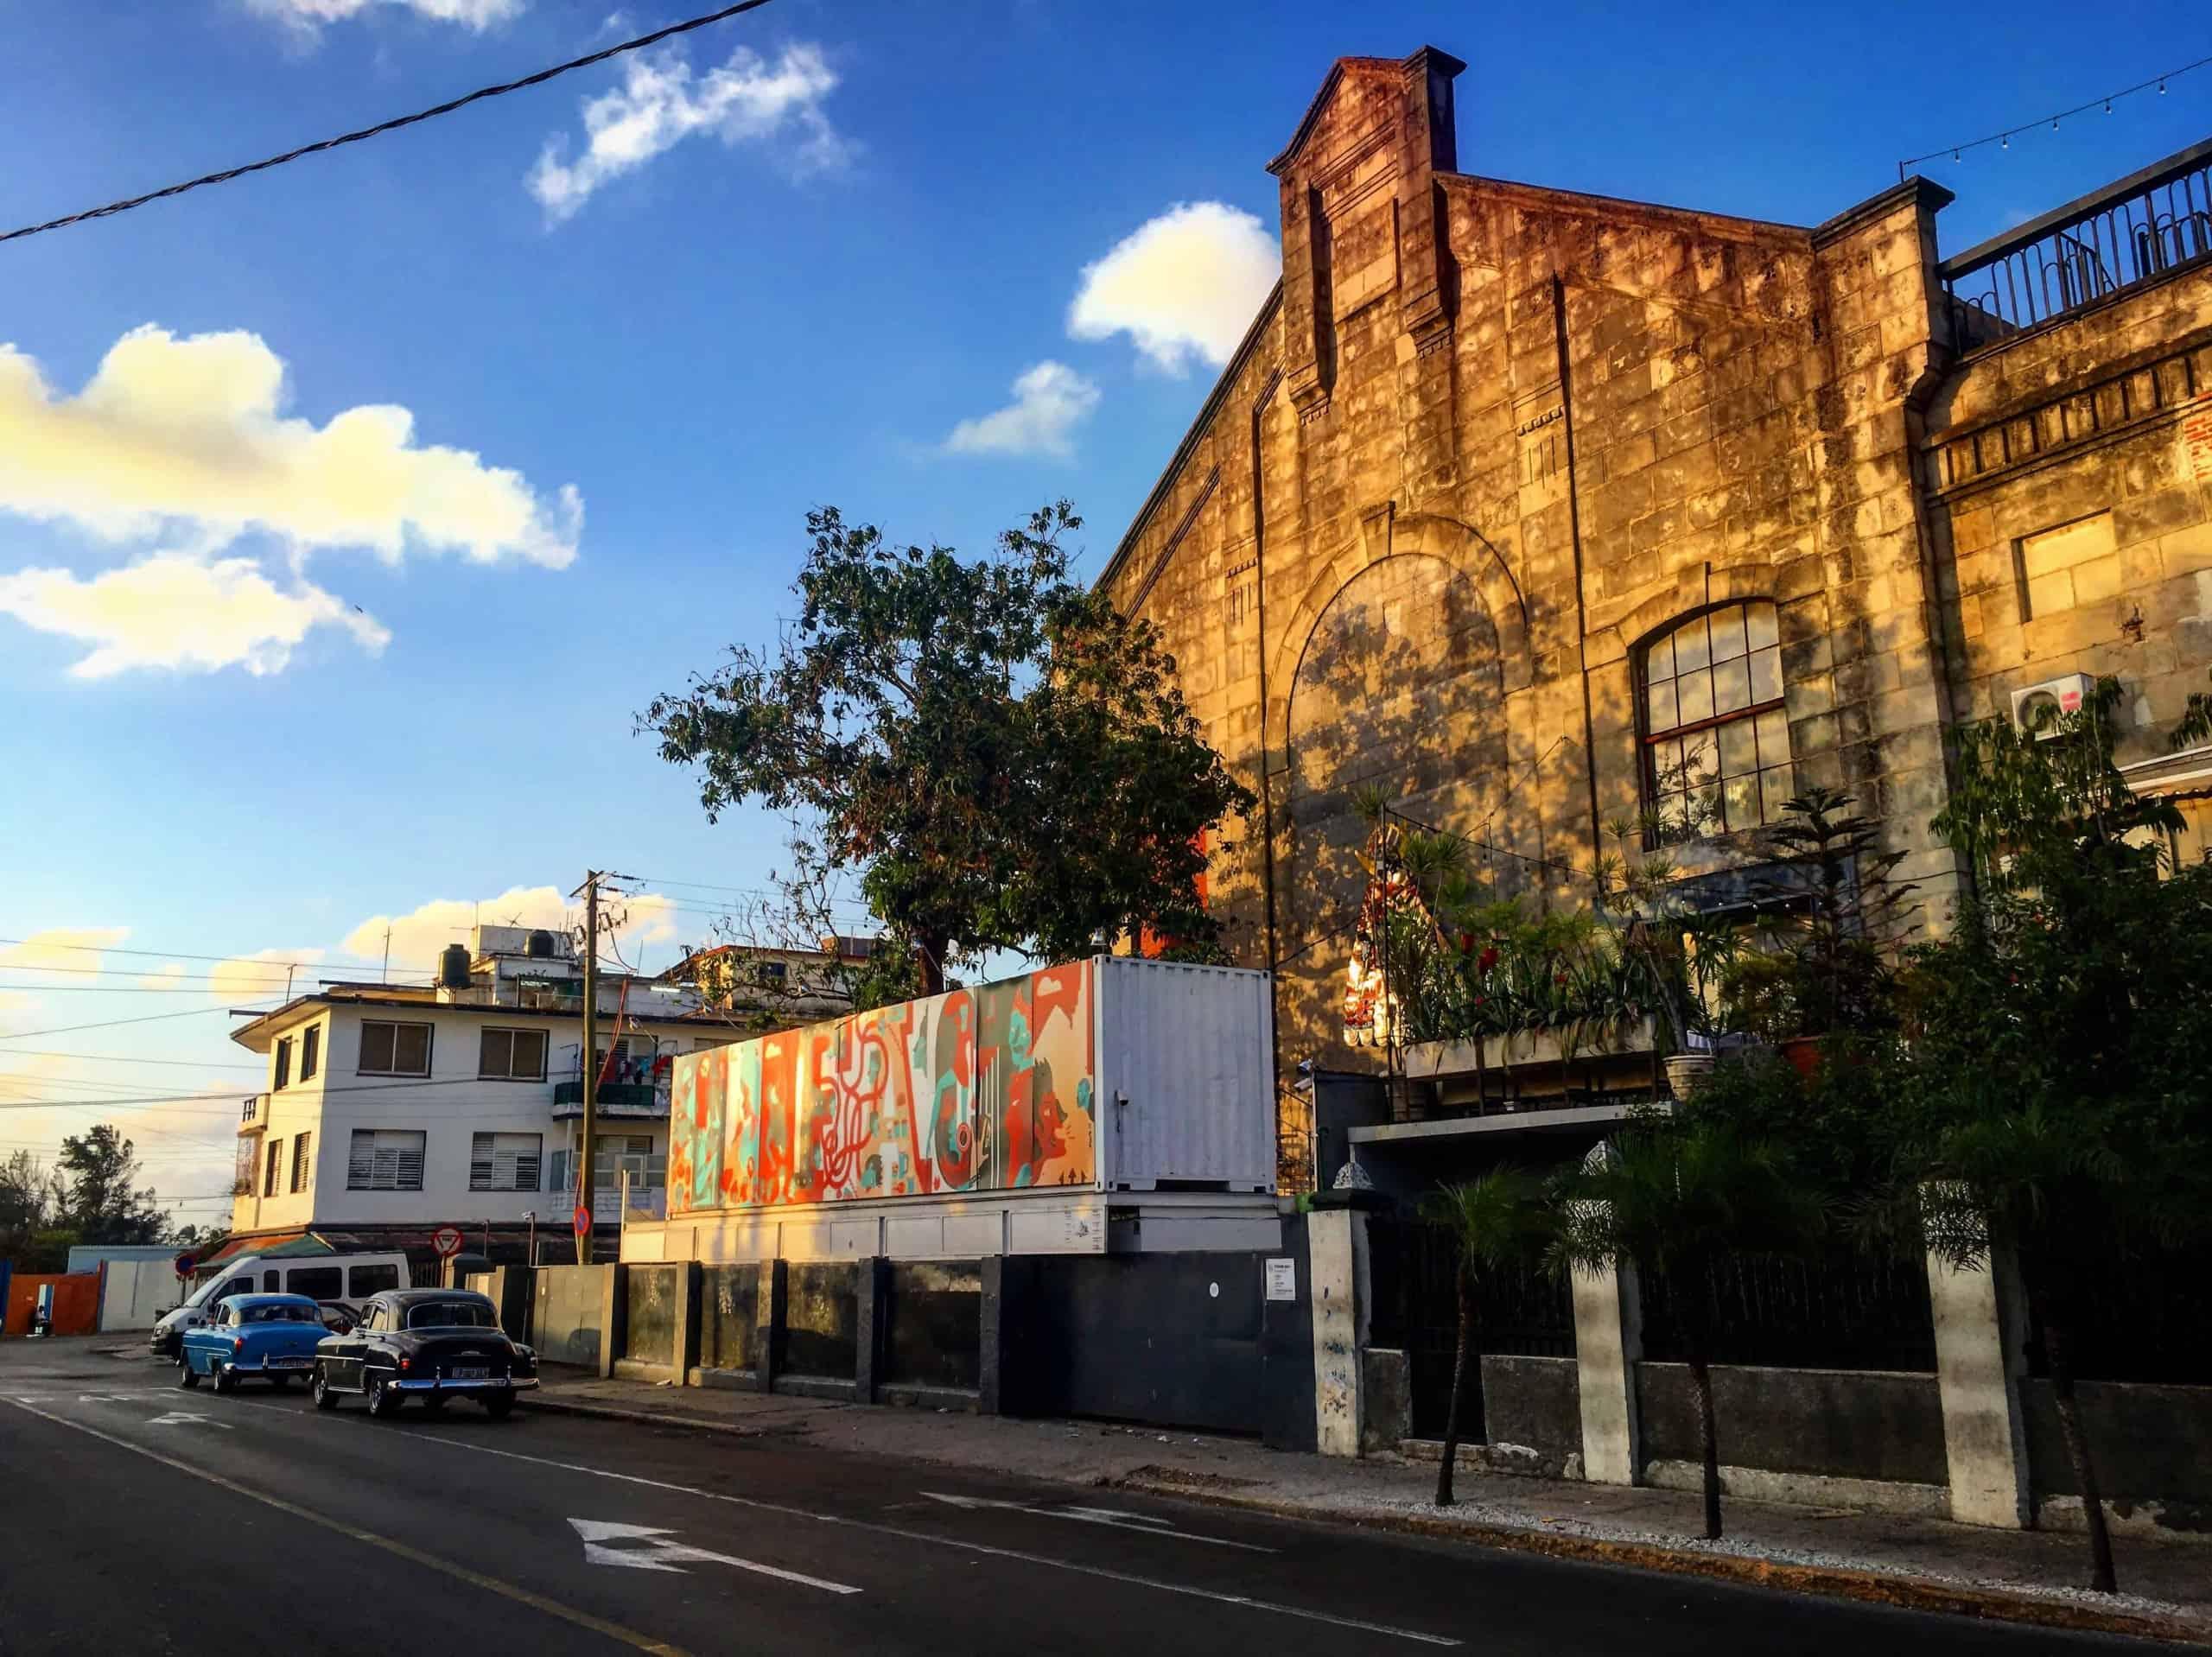 fabrica de arte cubano in havana